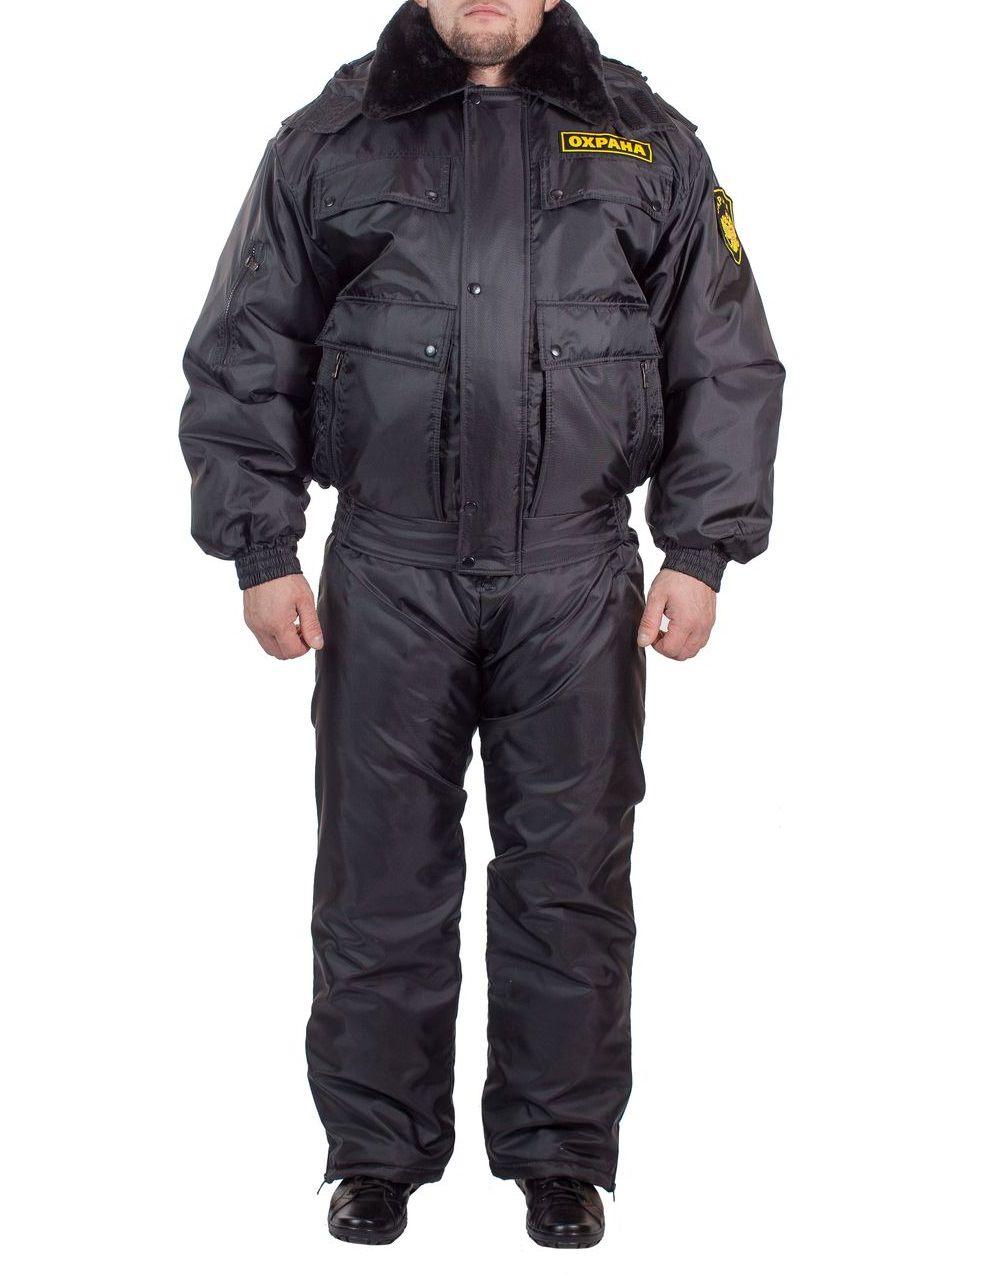 Зимняя форма охранника фото